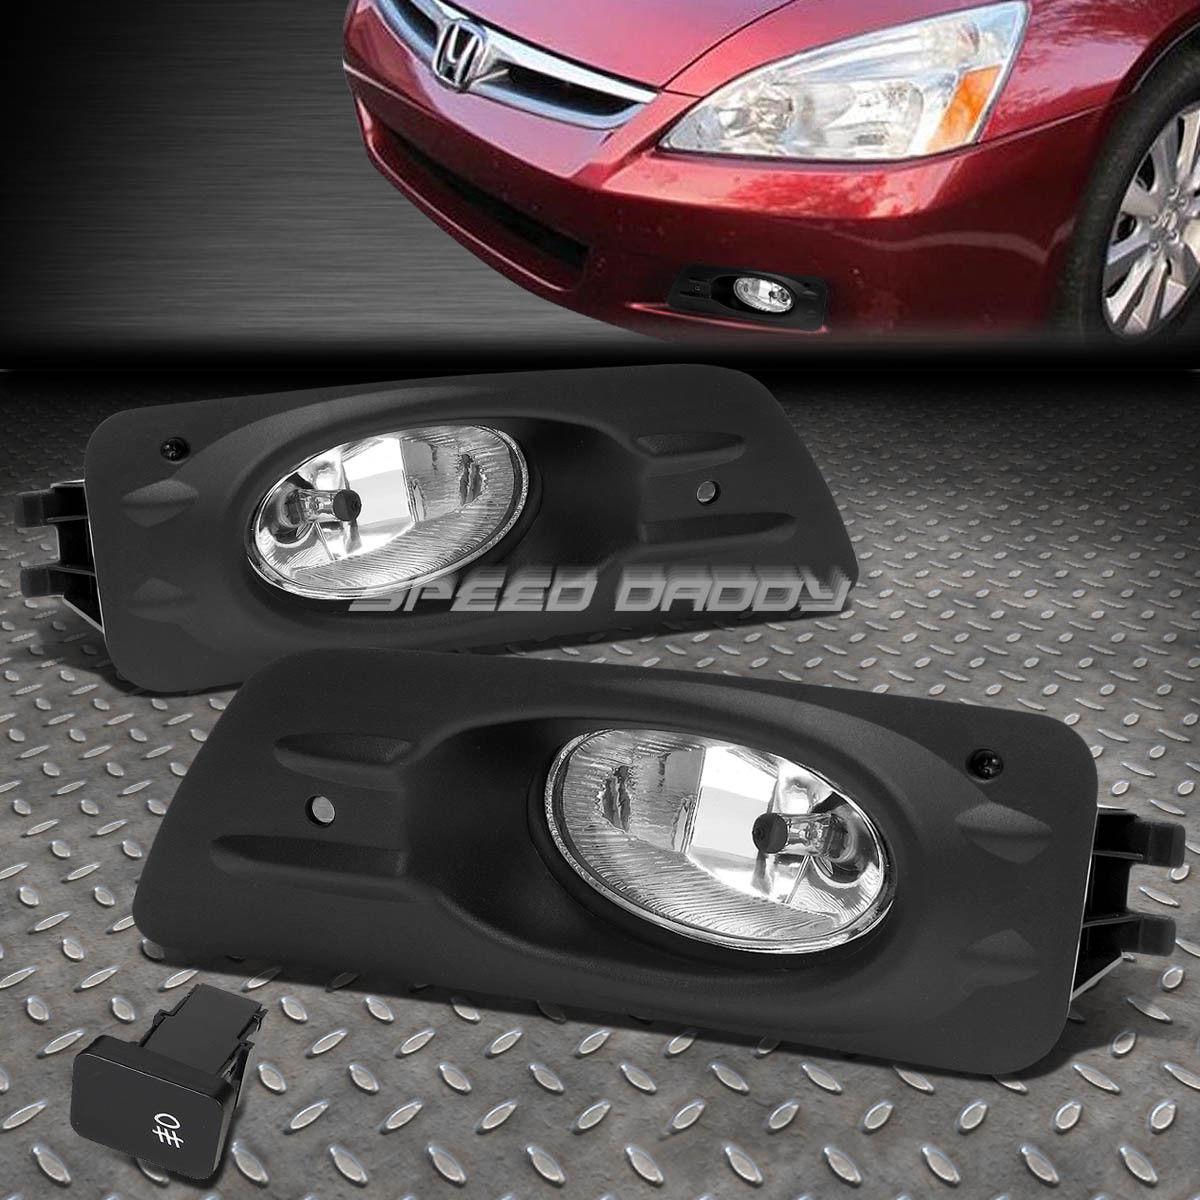 フォグライト FOR HONDA ACCORD 06-07 4DR OE BUMPER CLEAR FOG LIGHT LAMP KIT WITH SWITCH+WIRE ホンダ用アクセサリー06-07 4DR OE BUMPERクリアフォグライトランプキット、スイッチ+ワイヤー